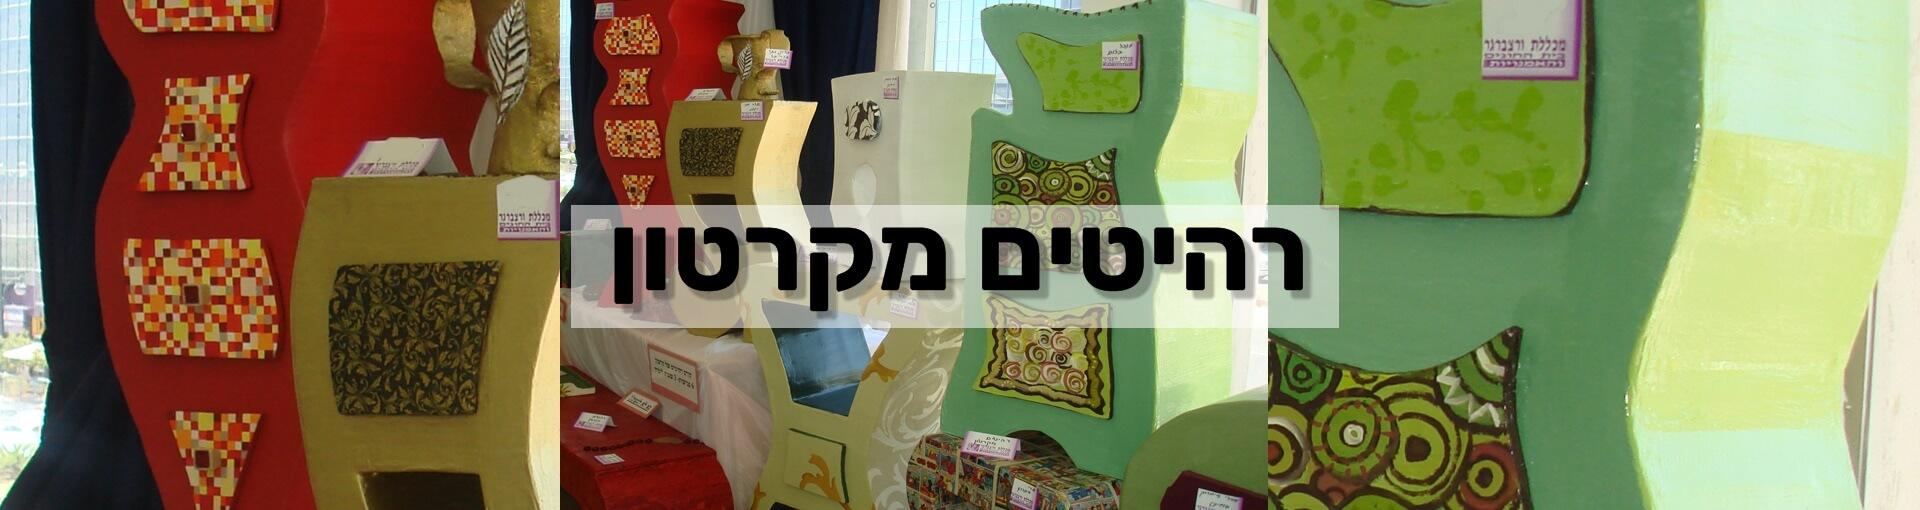 קורס רהיטים מקרטון - מכללת ורצברגר